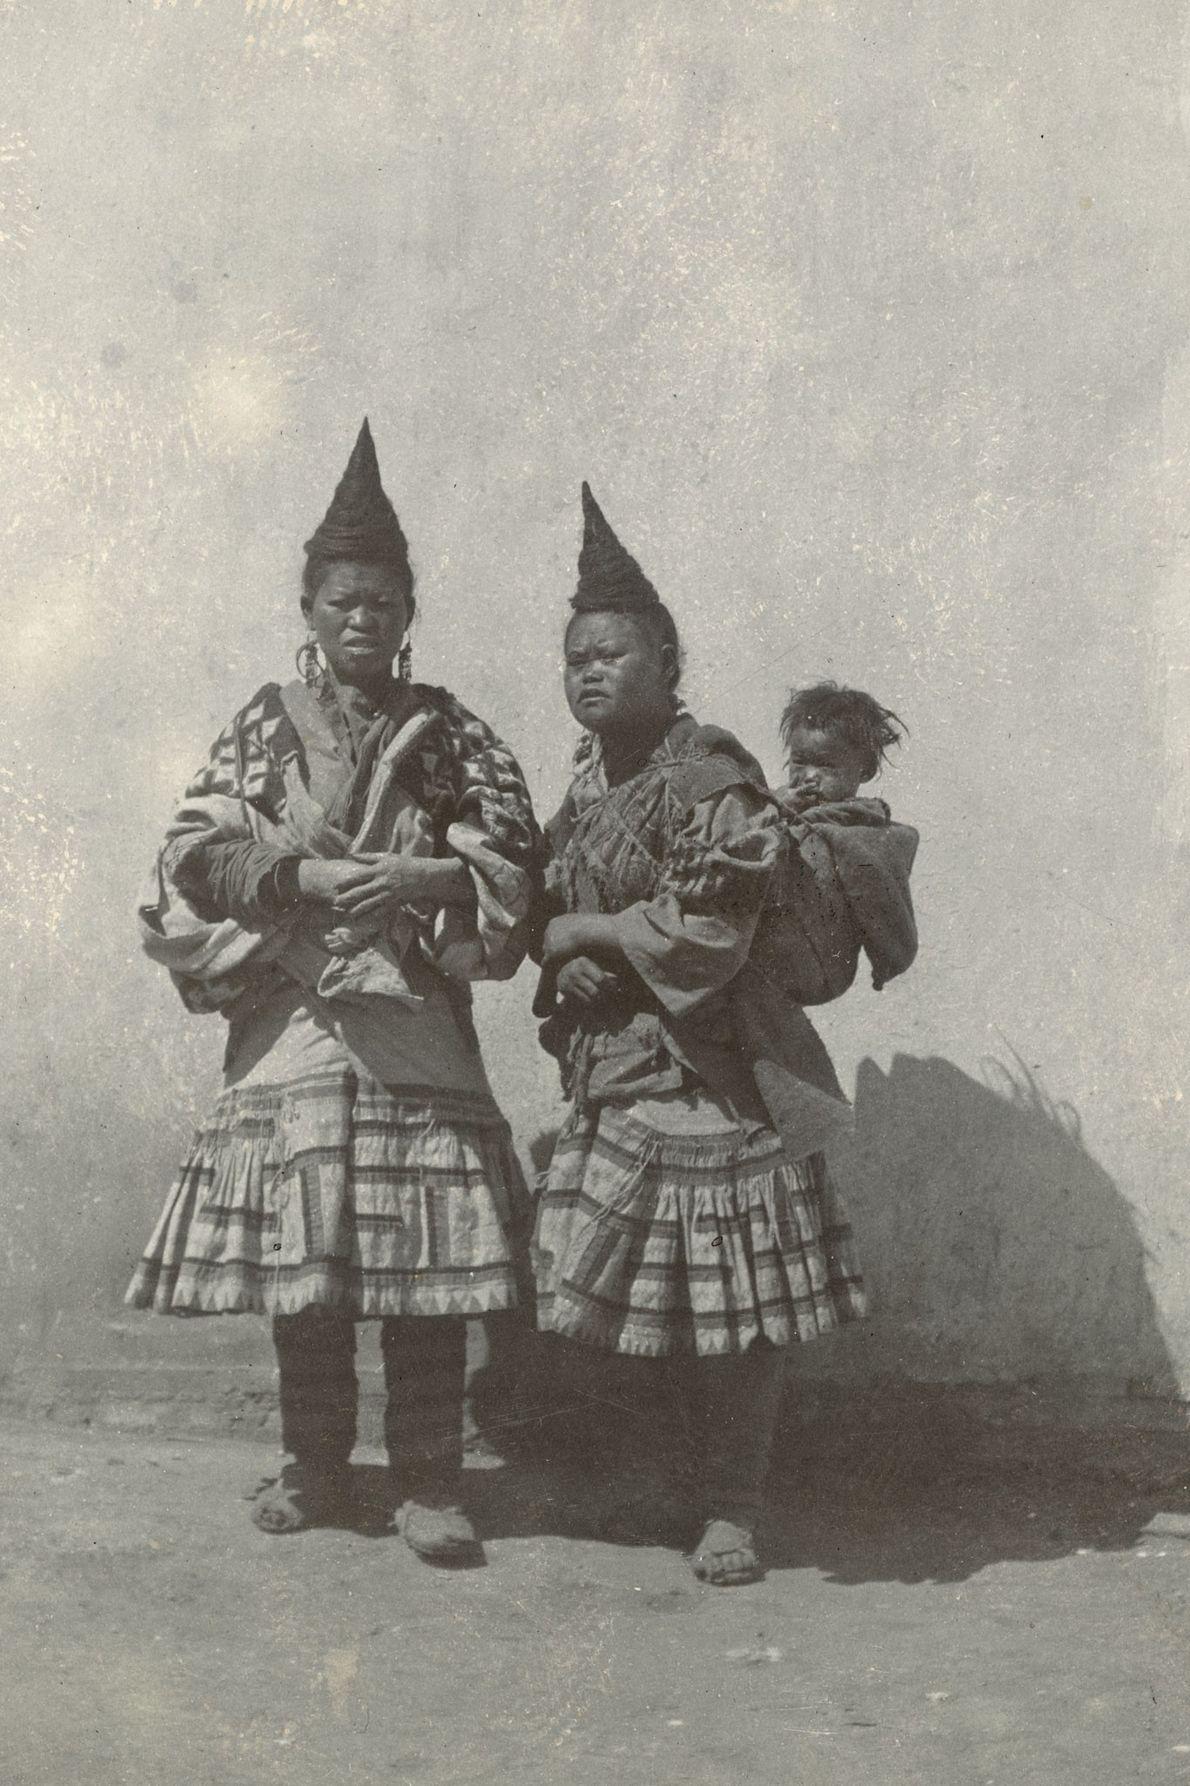 O penteado em forma de chifre exibido por estas mulheres indica que foram mães.